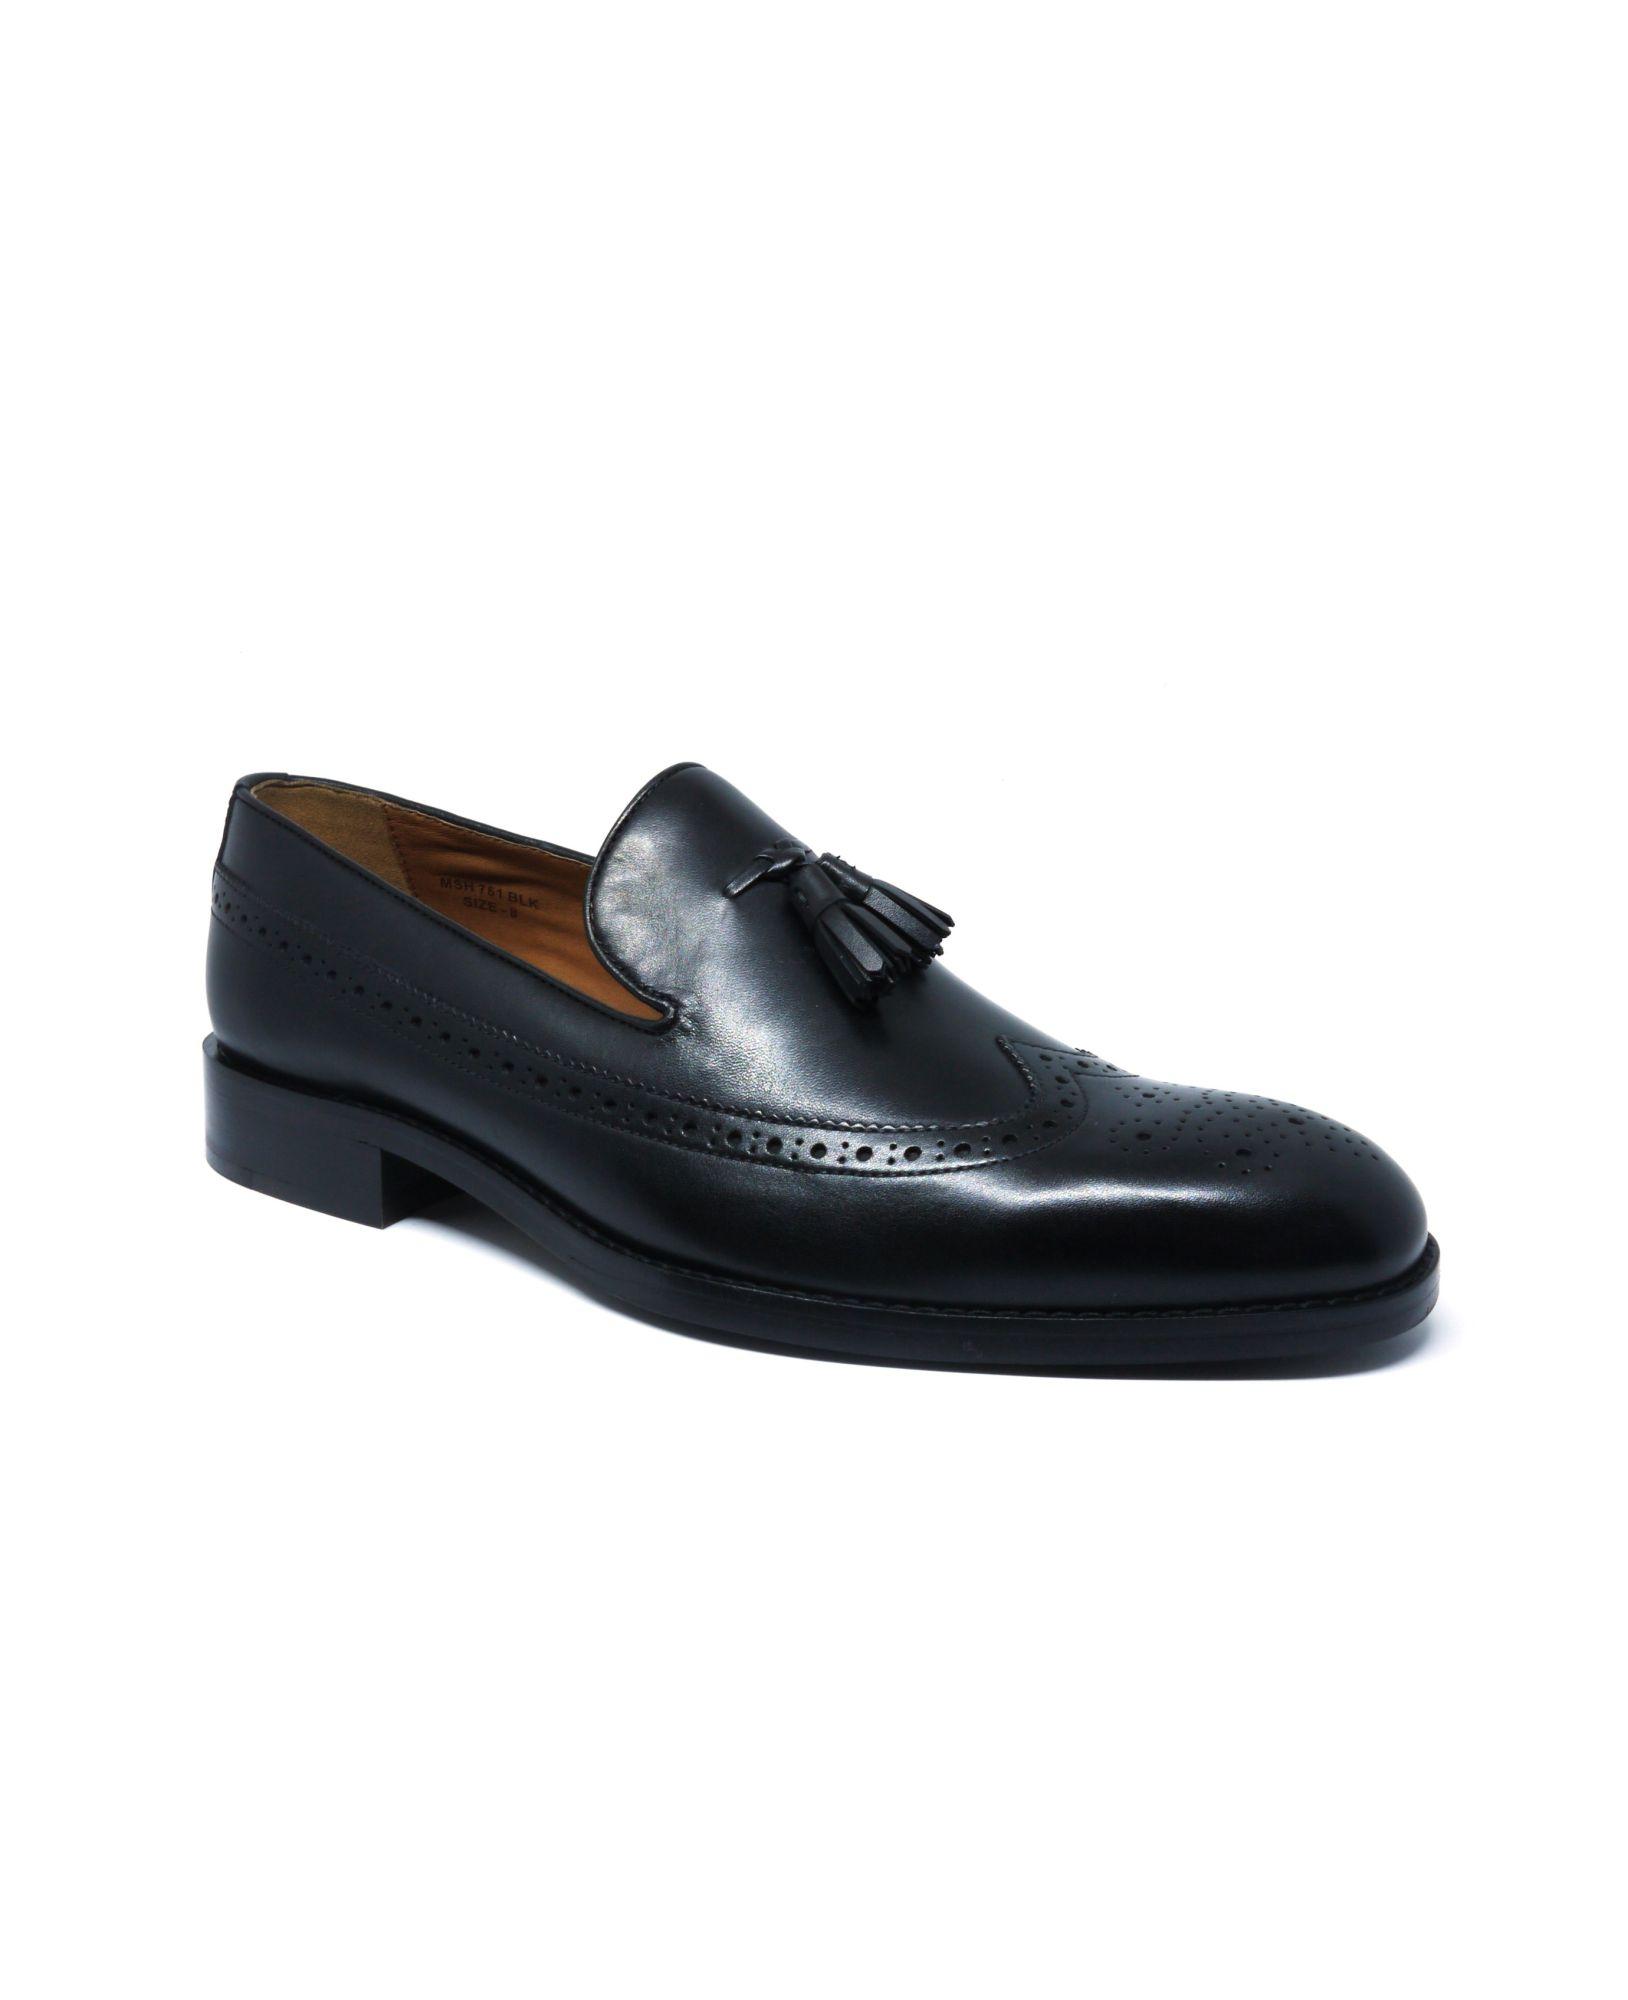 Black Leather Tasselled Loafers 11